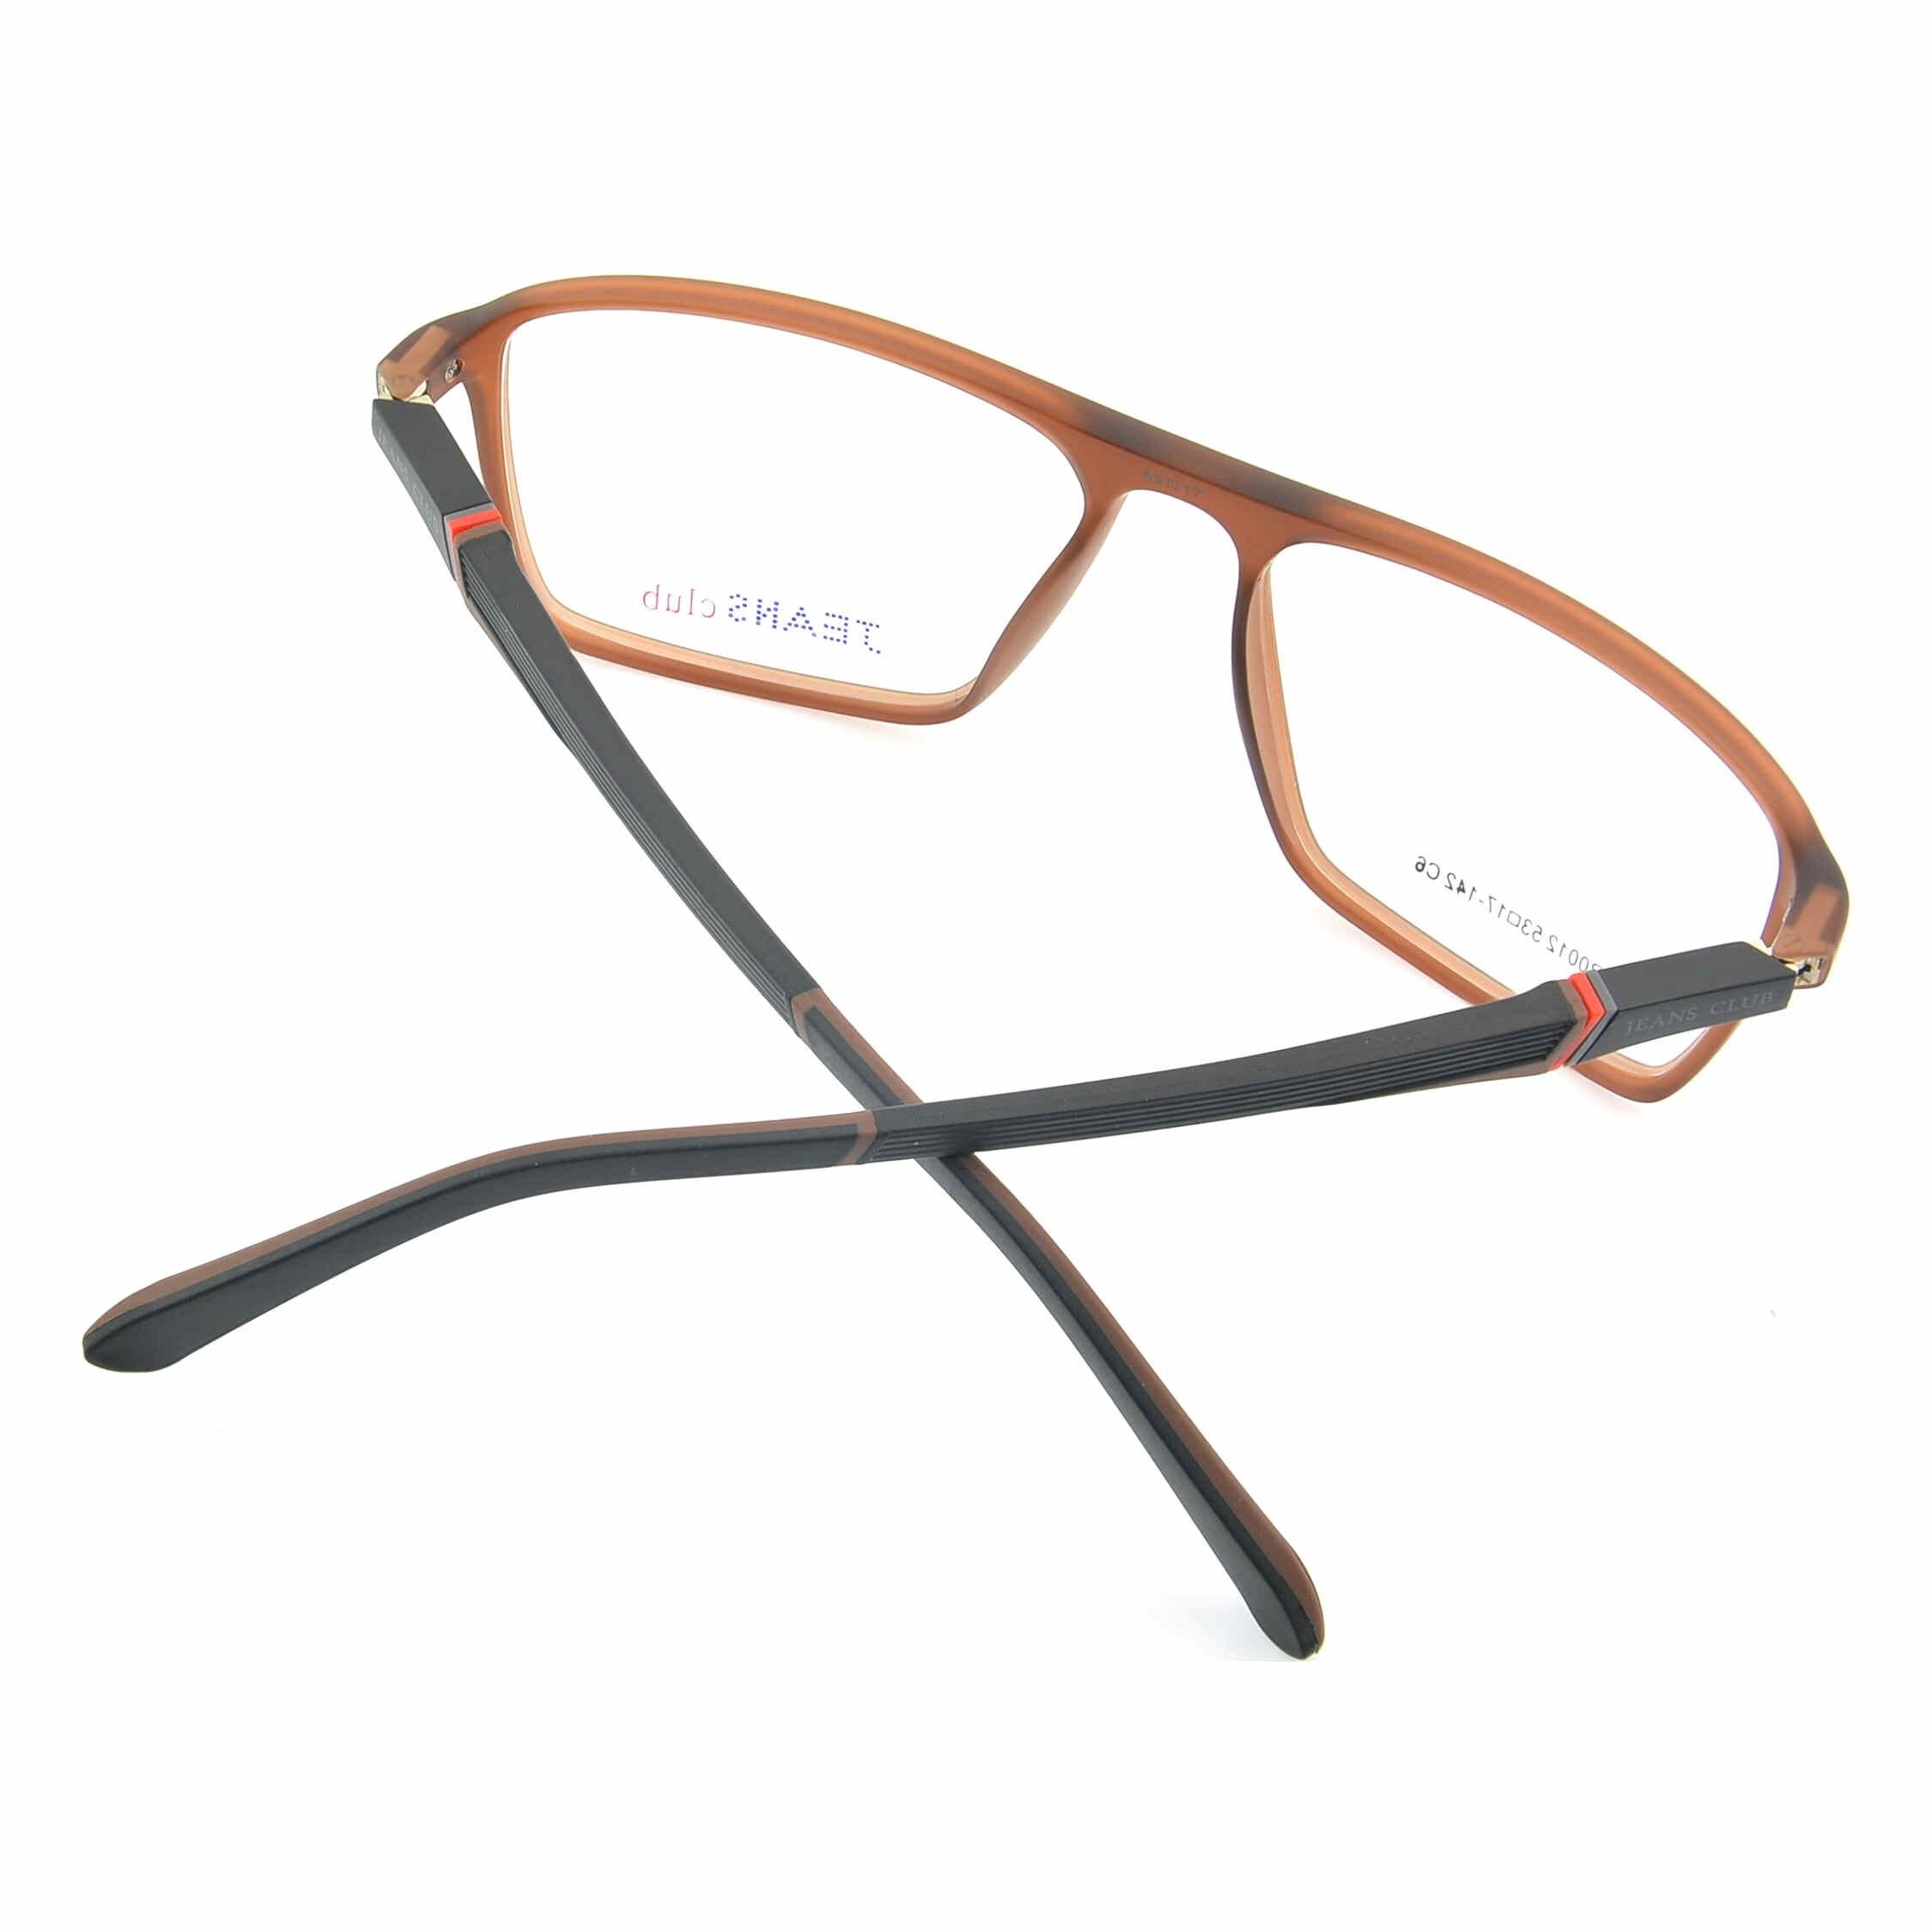 ג 'ינס מועדון TR אופנה משקפיים מסגרת שפה מלאה משקפיים גברים ונשים קוצר ראייה אופטית משקפיים סהרוני de vue anteojos JR0012